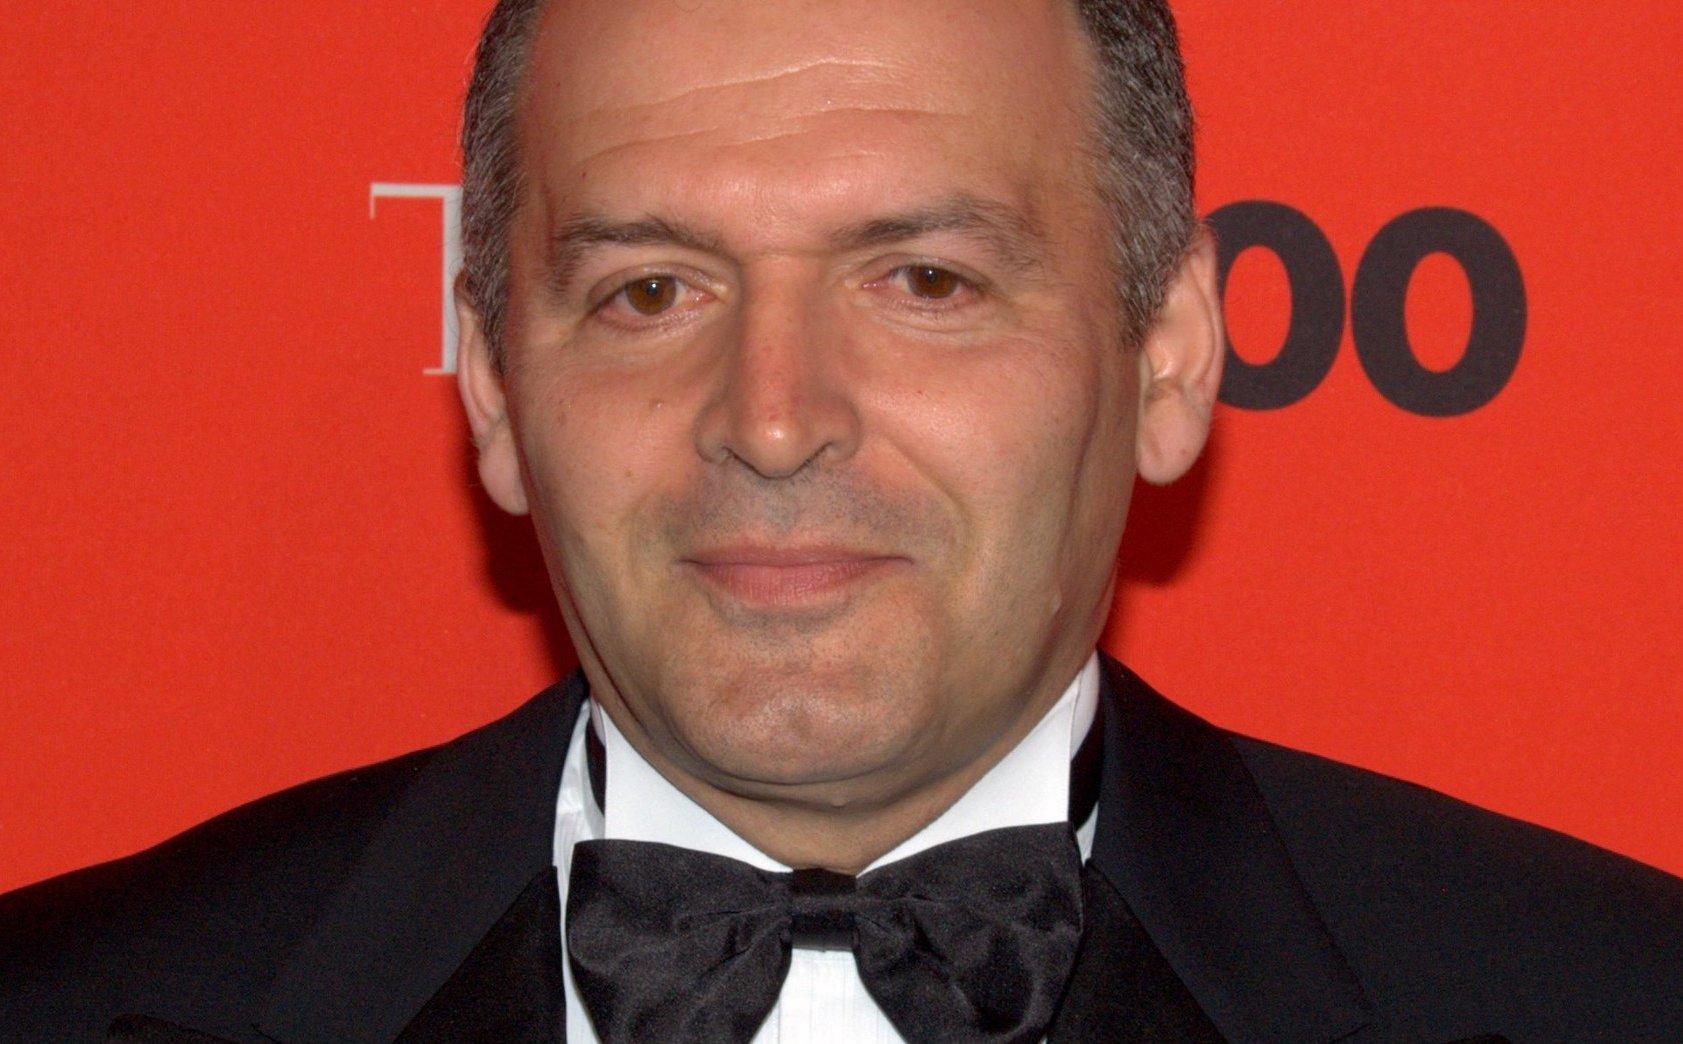 Viktor Pinchuk - foto di David Shankbone CC BY 3.0 foto di David Shankbone/Wikimedia